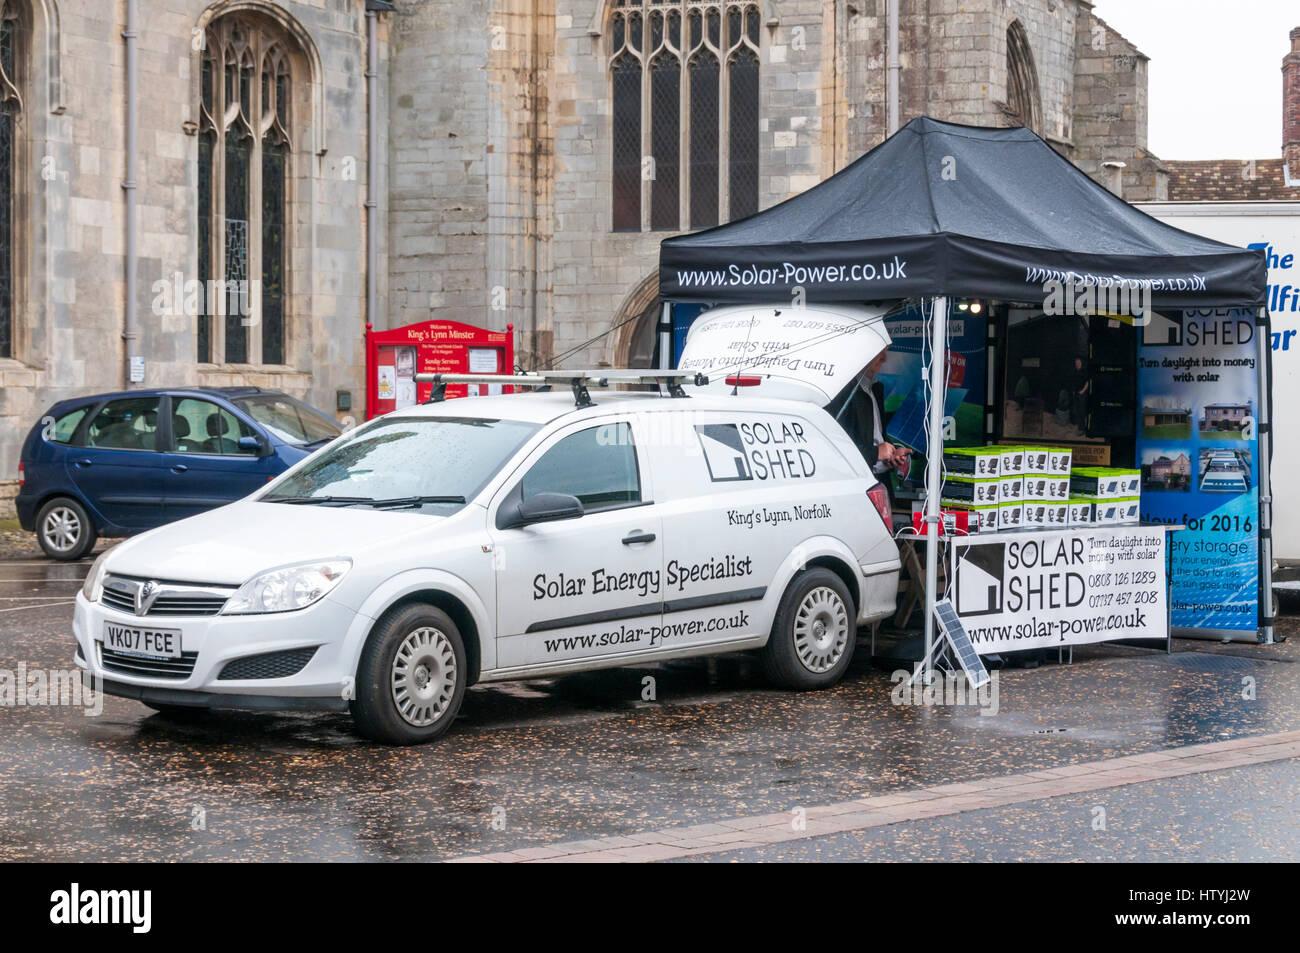 Il tentativo di vendere energia solare sotto la pioggia. Immagini Stock